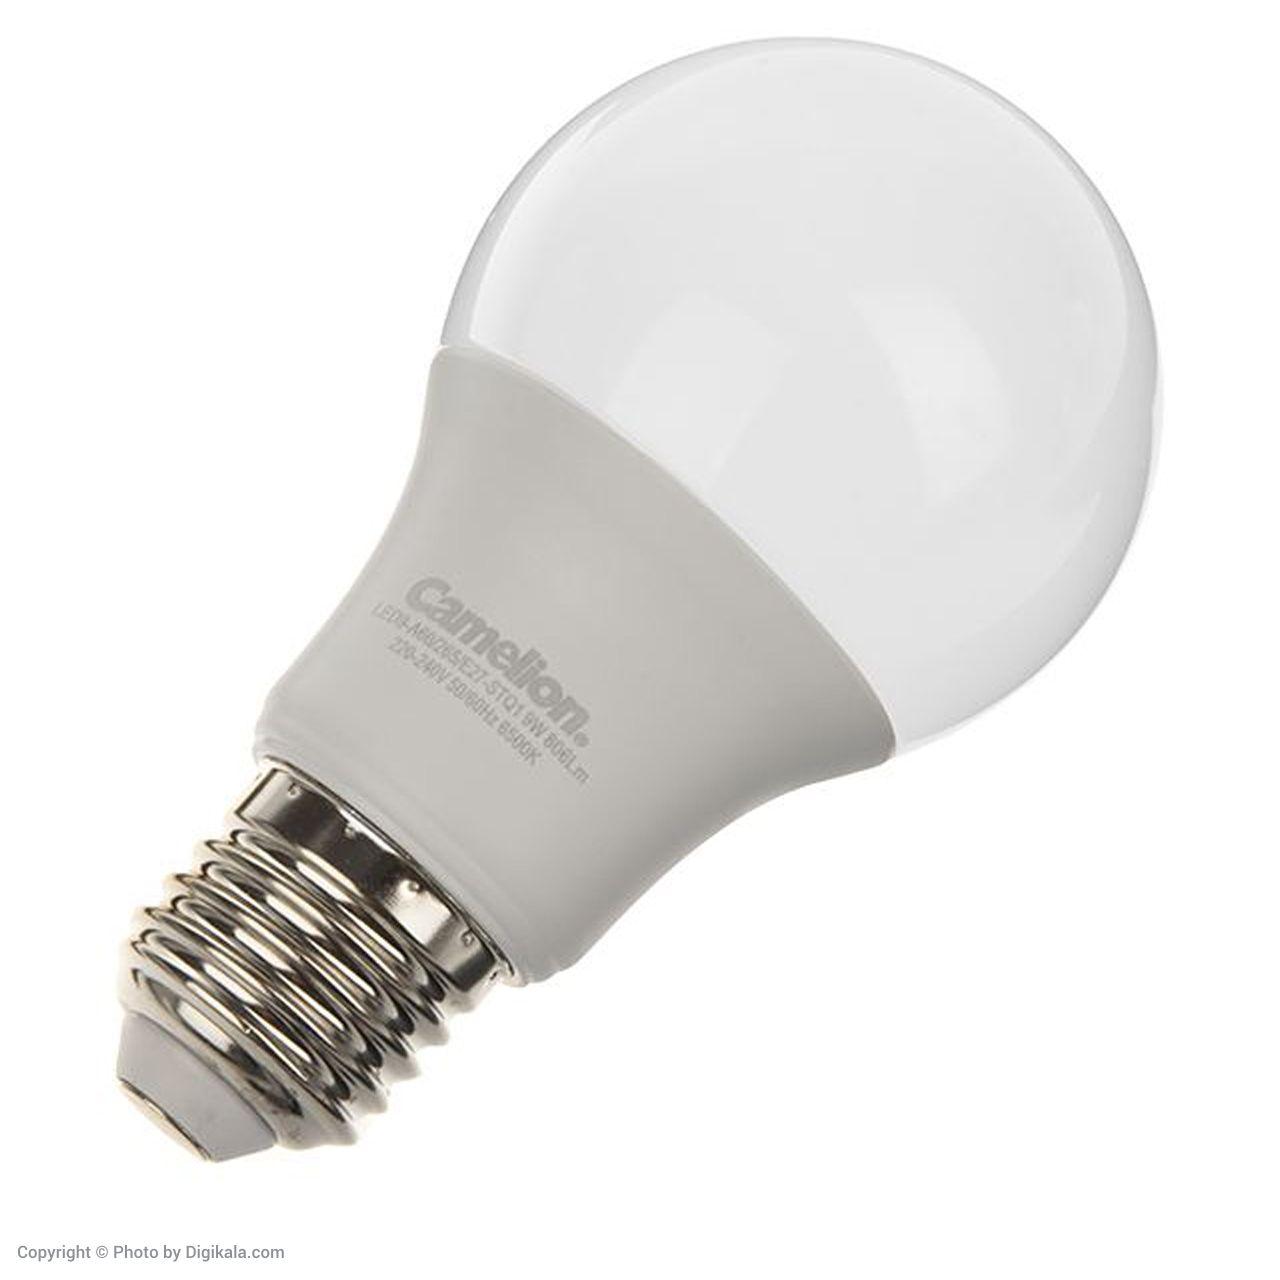 لامپ ال ای دی 9 وات کملیون مدل STQ1 پایه E27 بسته 2 عددی  main 1 1